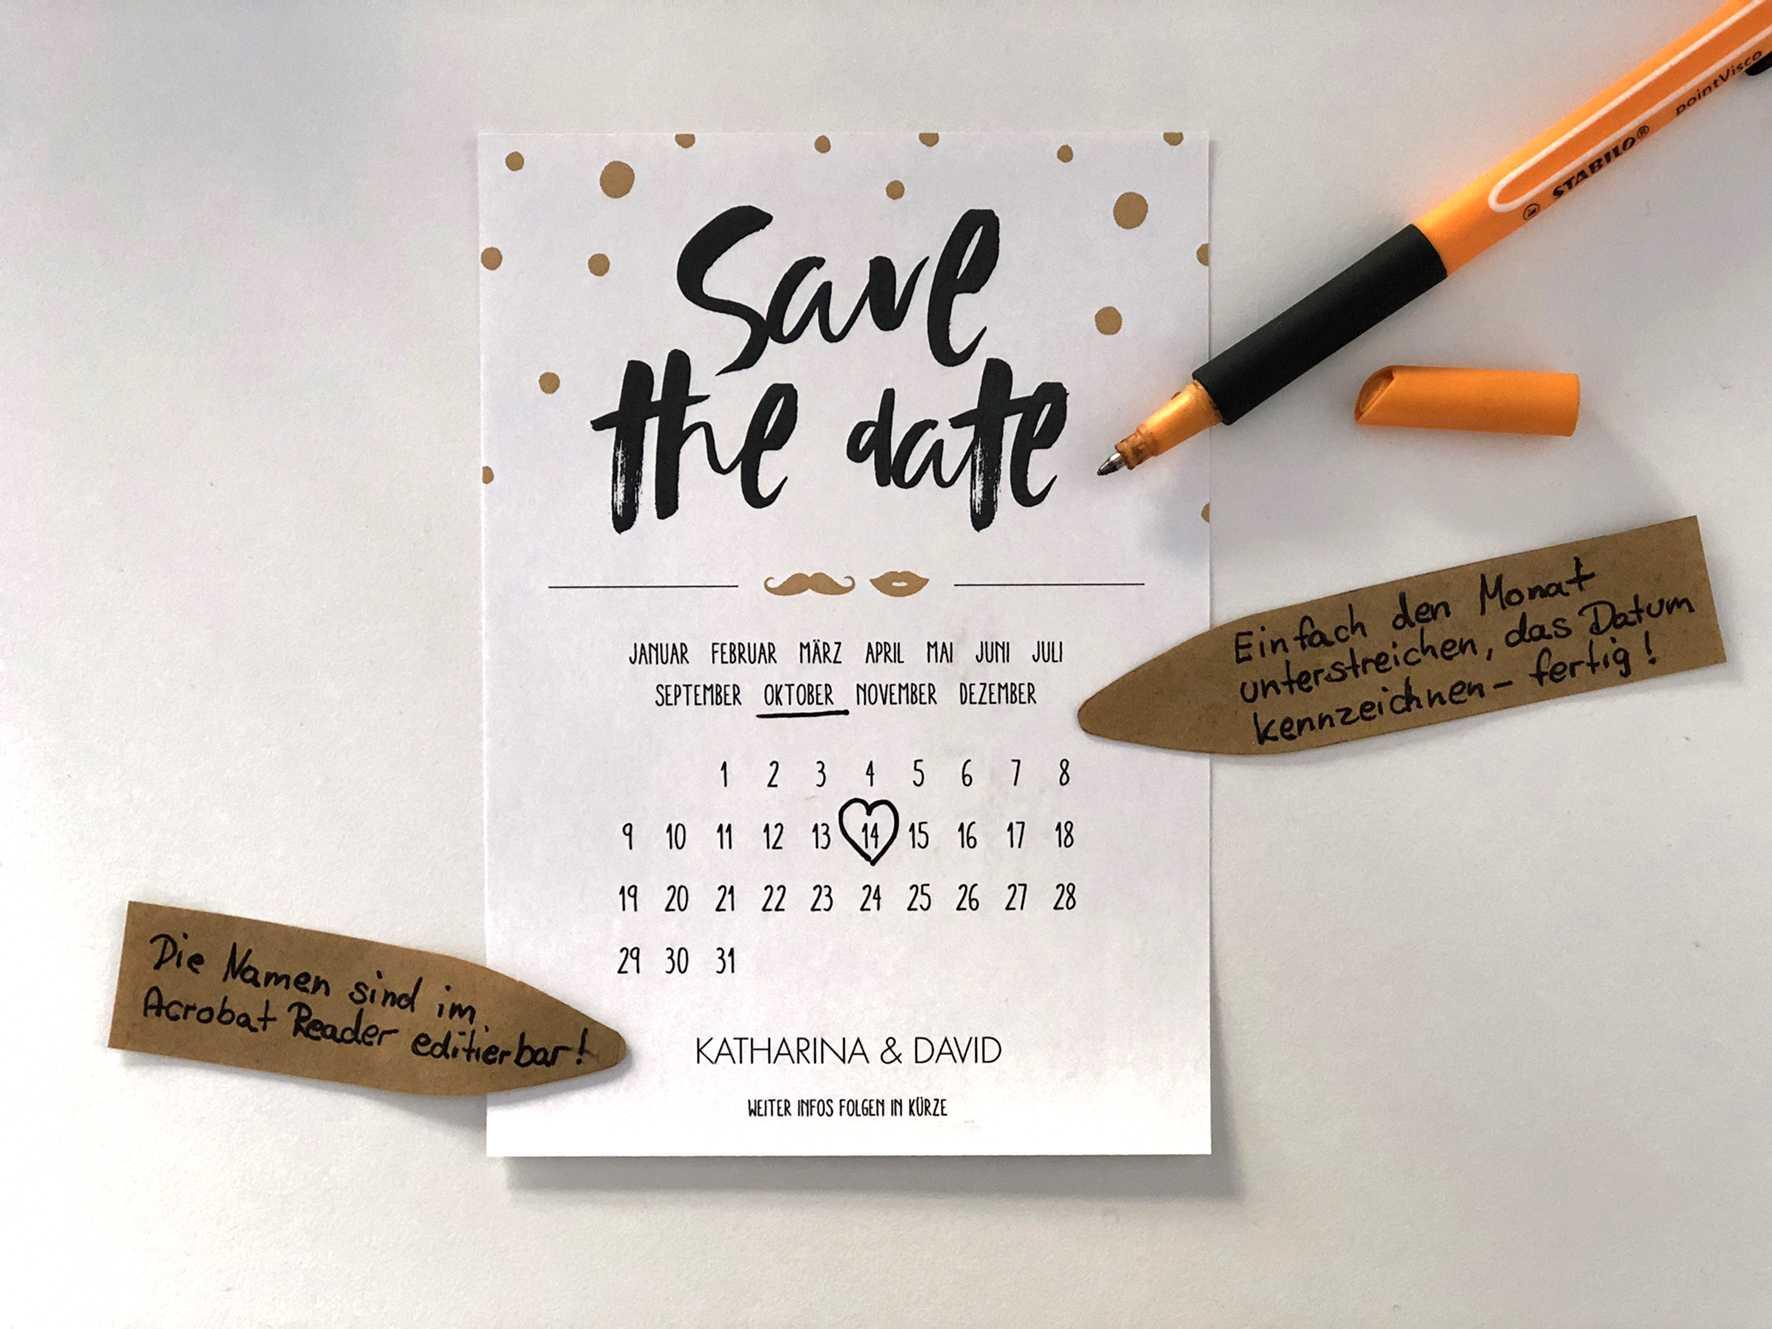 Hochzeitspapeterie liebelein will Save the Date Karte 05 – gesehen bei frauimmer-herrewig.de